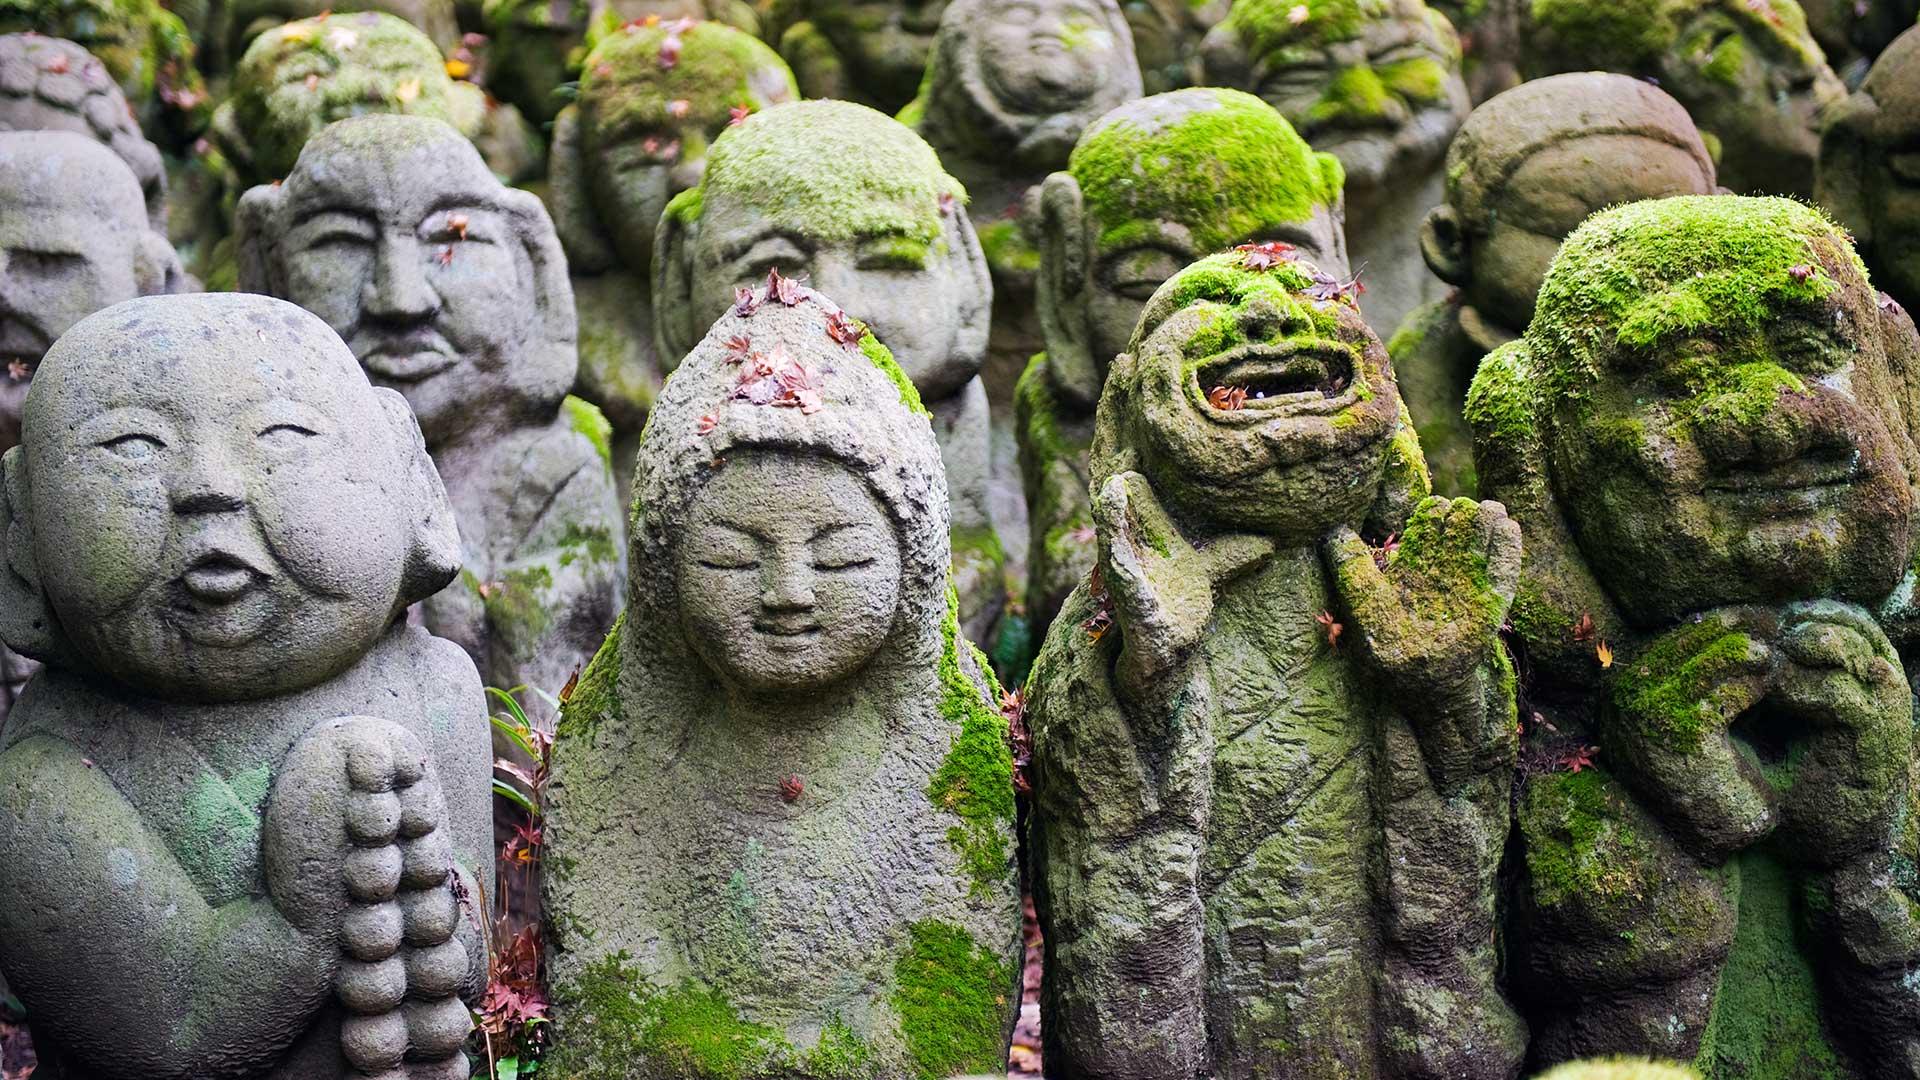 Stones from Otagi Nenbutsu dera temple